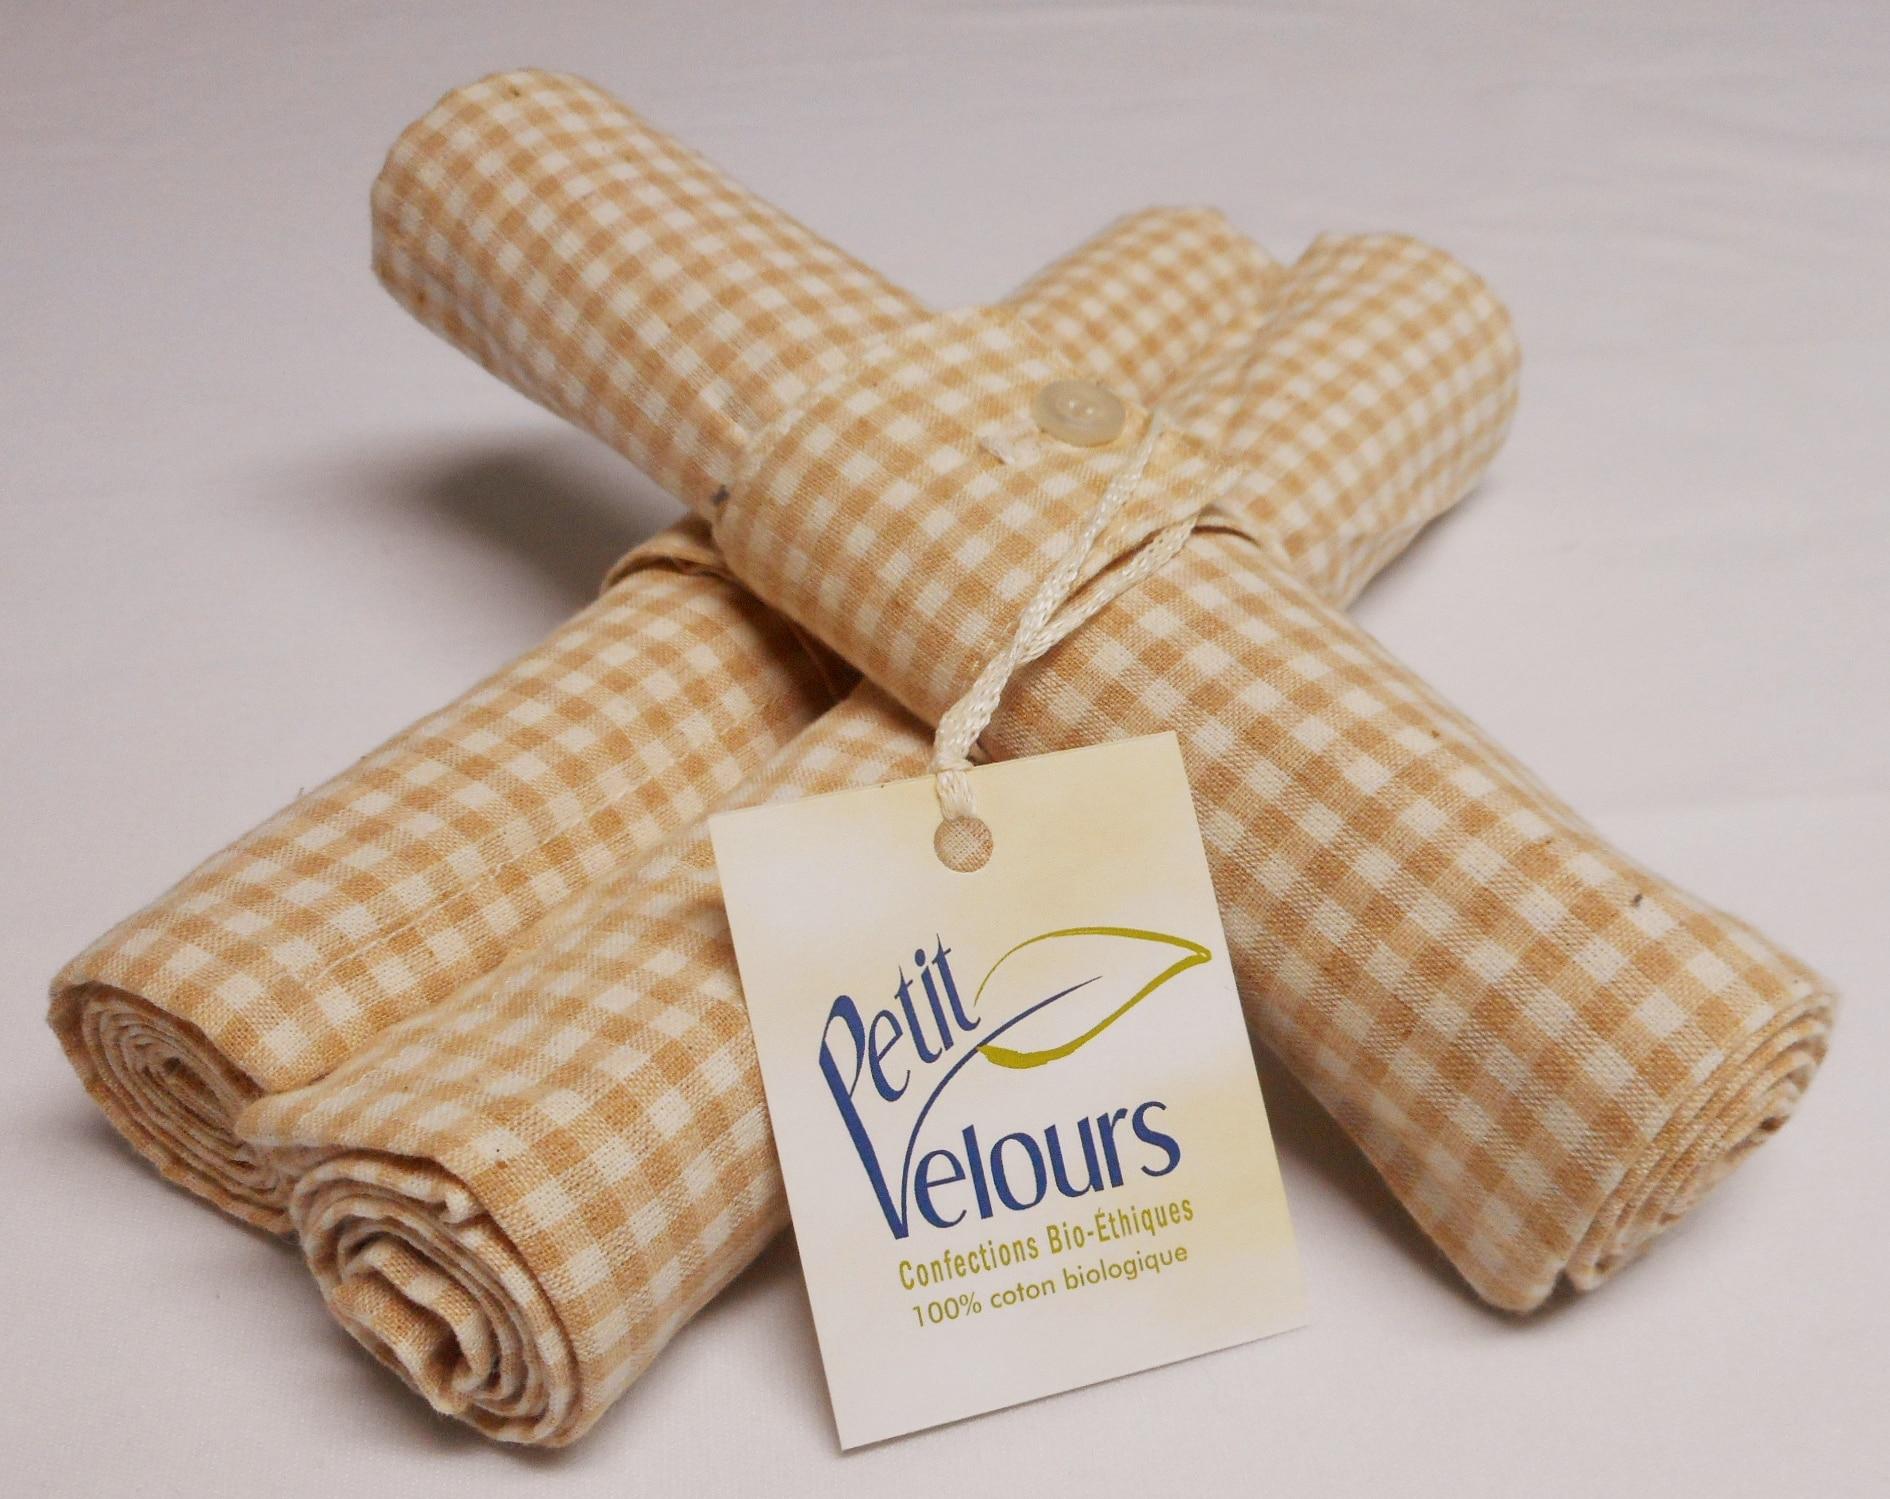 serviettes de table 100 coton biologique petit velours. Black Bedroom Furniture Sets. Home Design Ideas